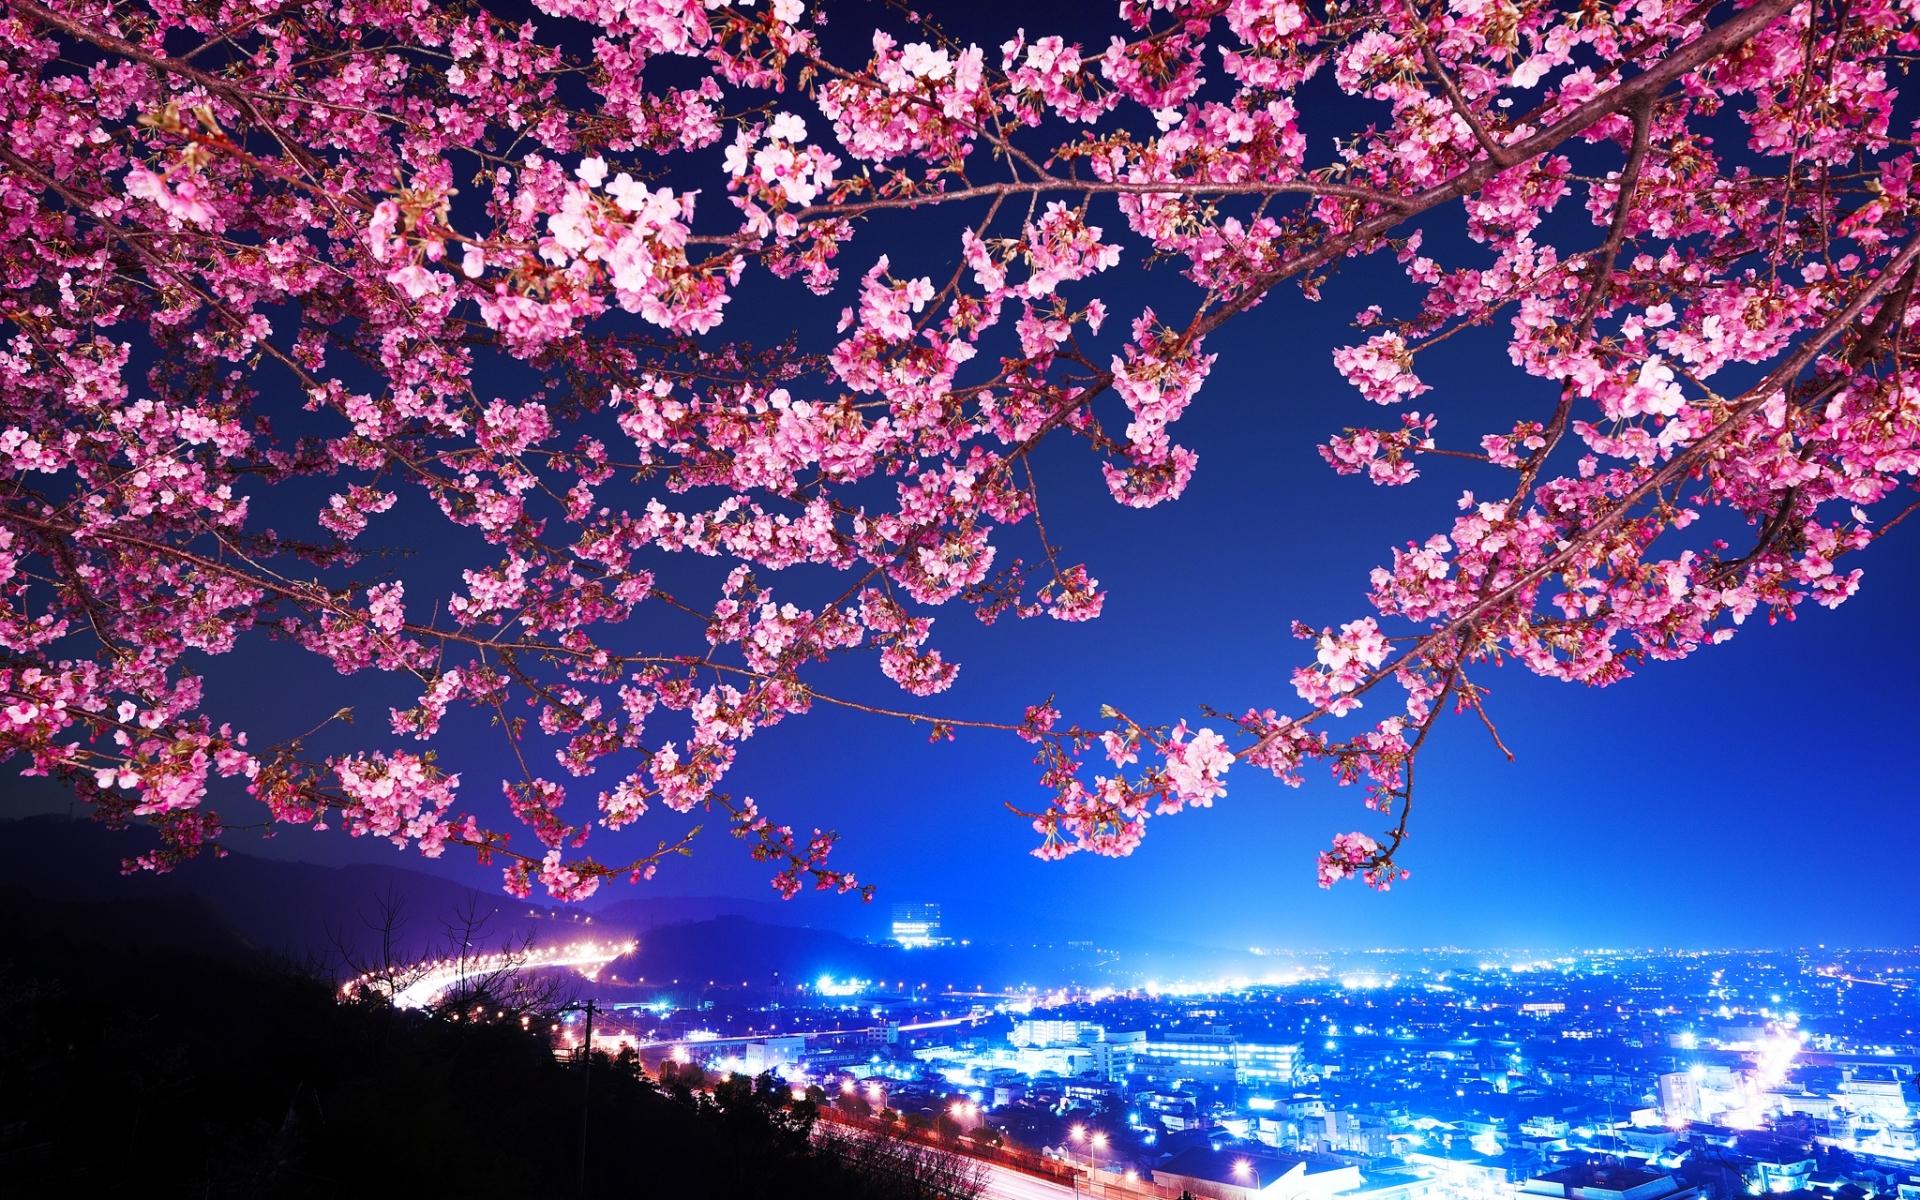 26025 скачать обои Пейзаж, Города, Цветы, Деревья, Ночь - заставки и картинки бесплатно